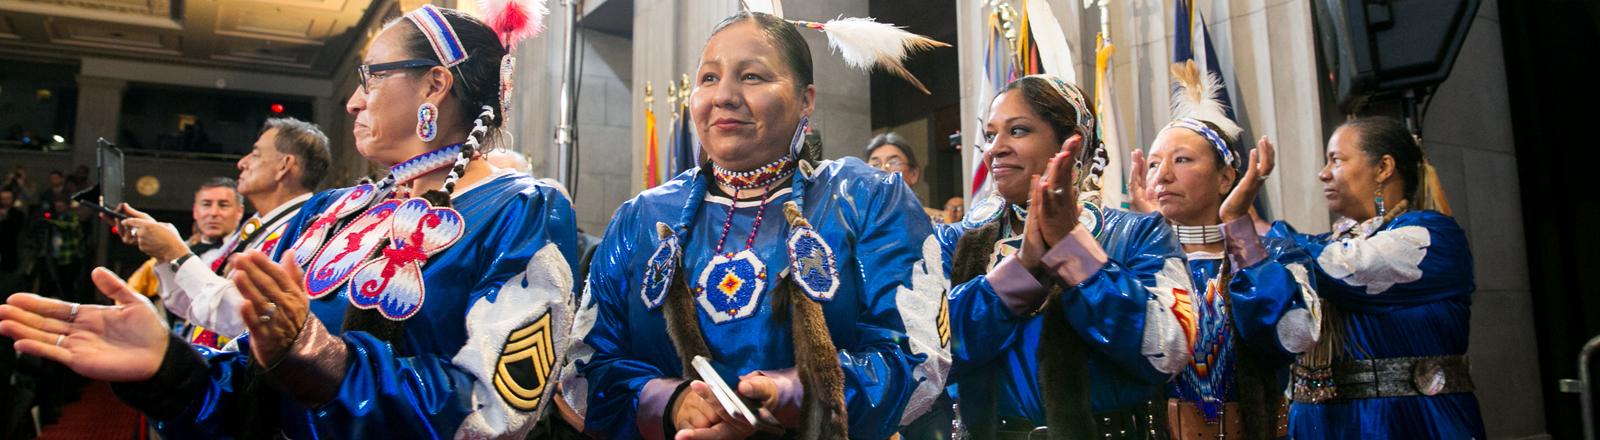 Frauen in traditioneller Kleidung auf der Tribal Nations Conference im Dezember 2014.